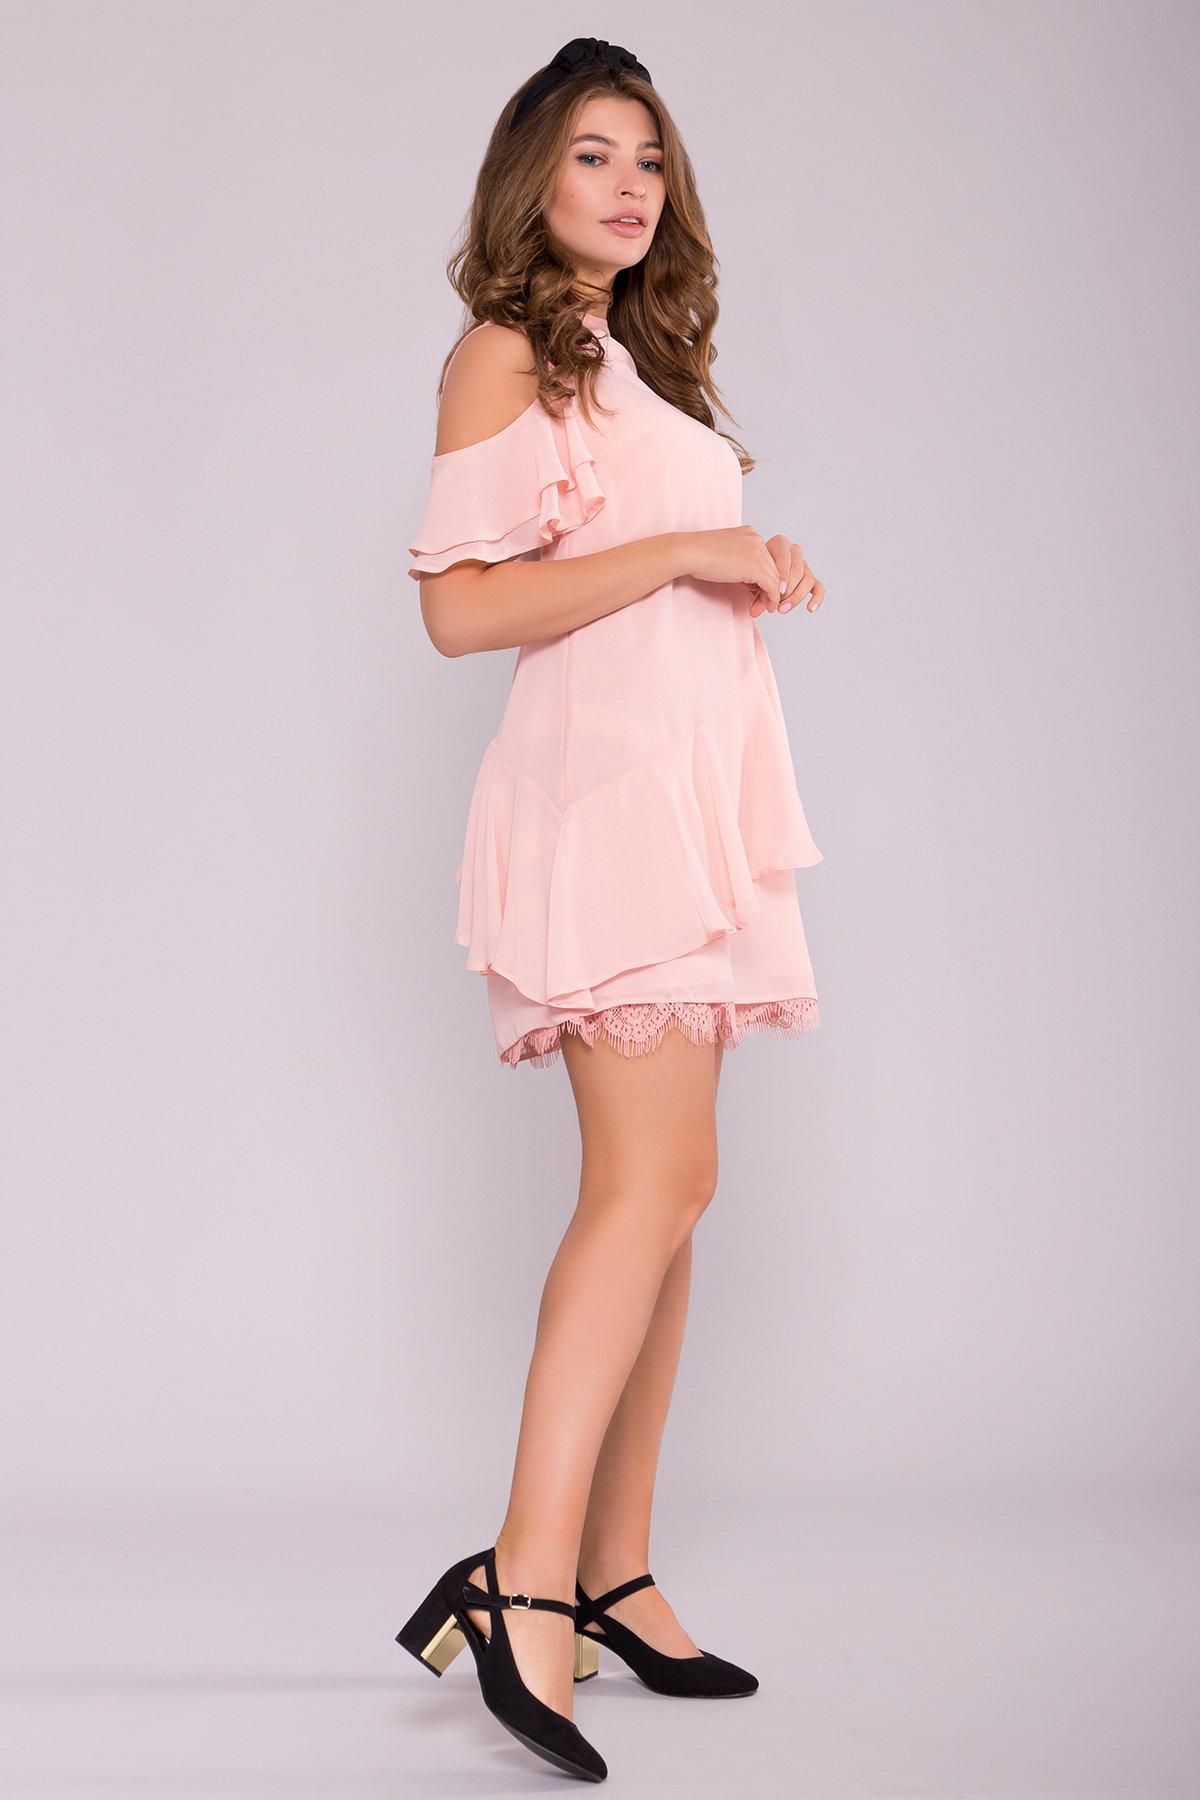 Платье Вито  7003 АРТ. 42310 Цвет: Пудра - фото 3, интернет магазин tm-modus.ru